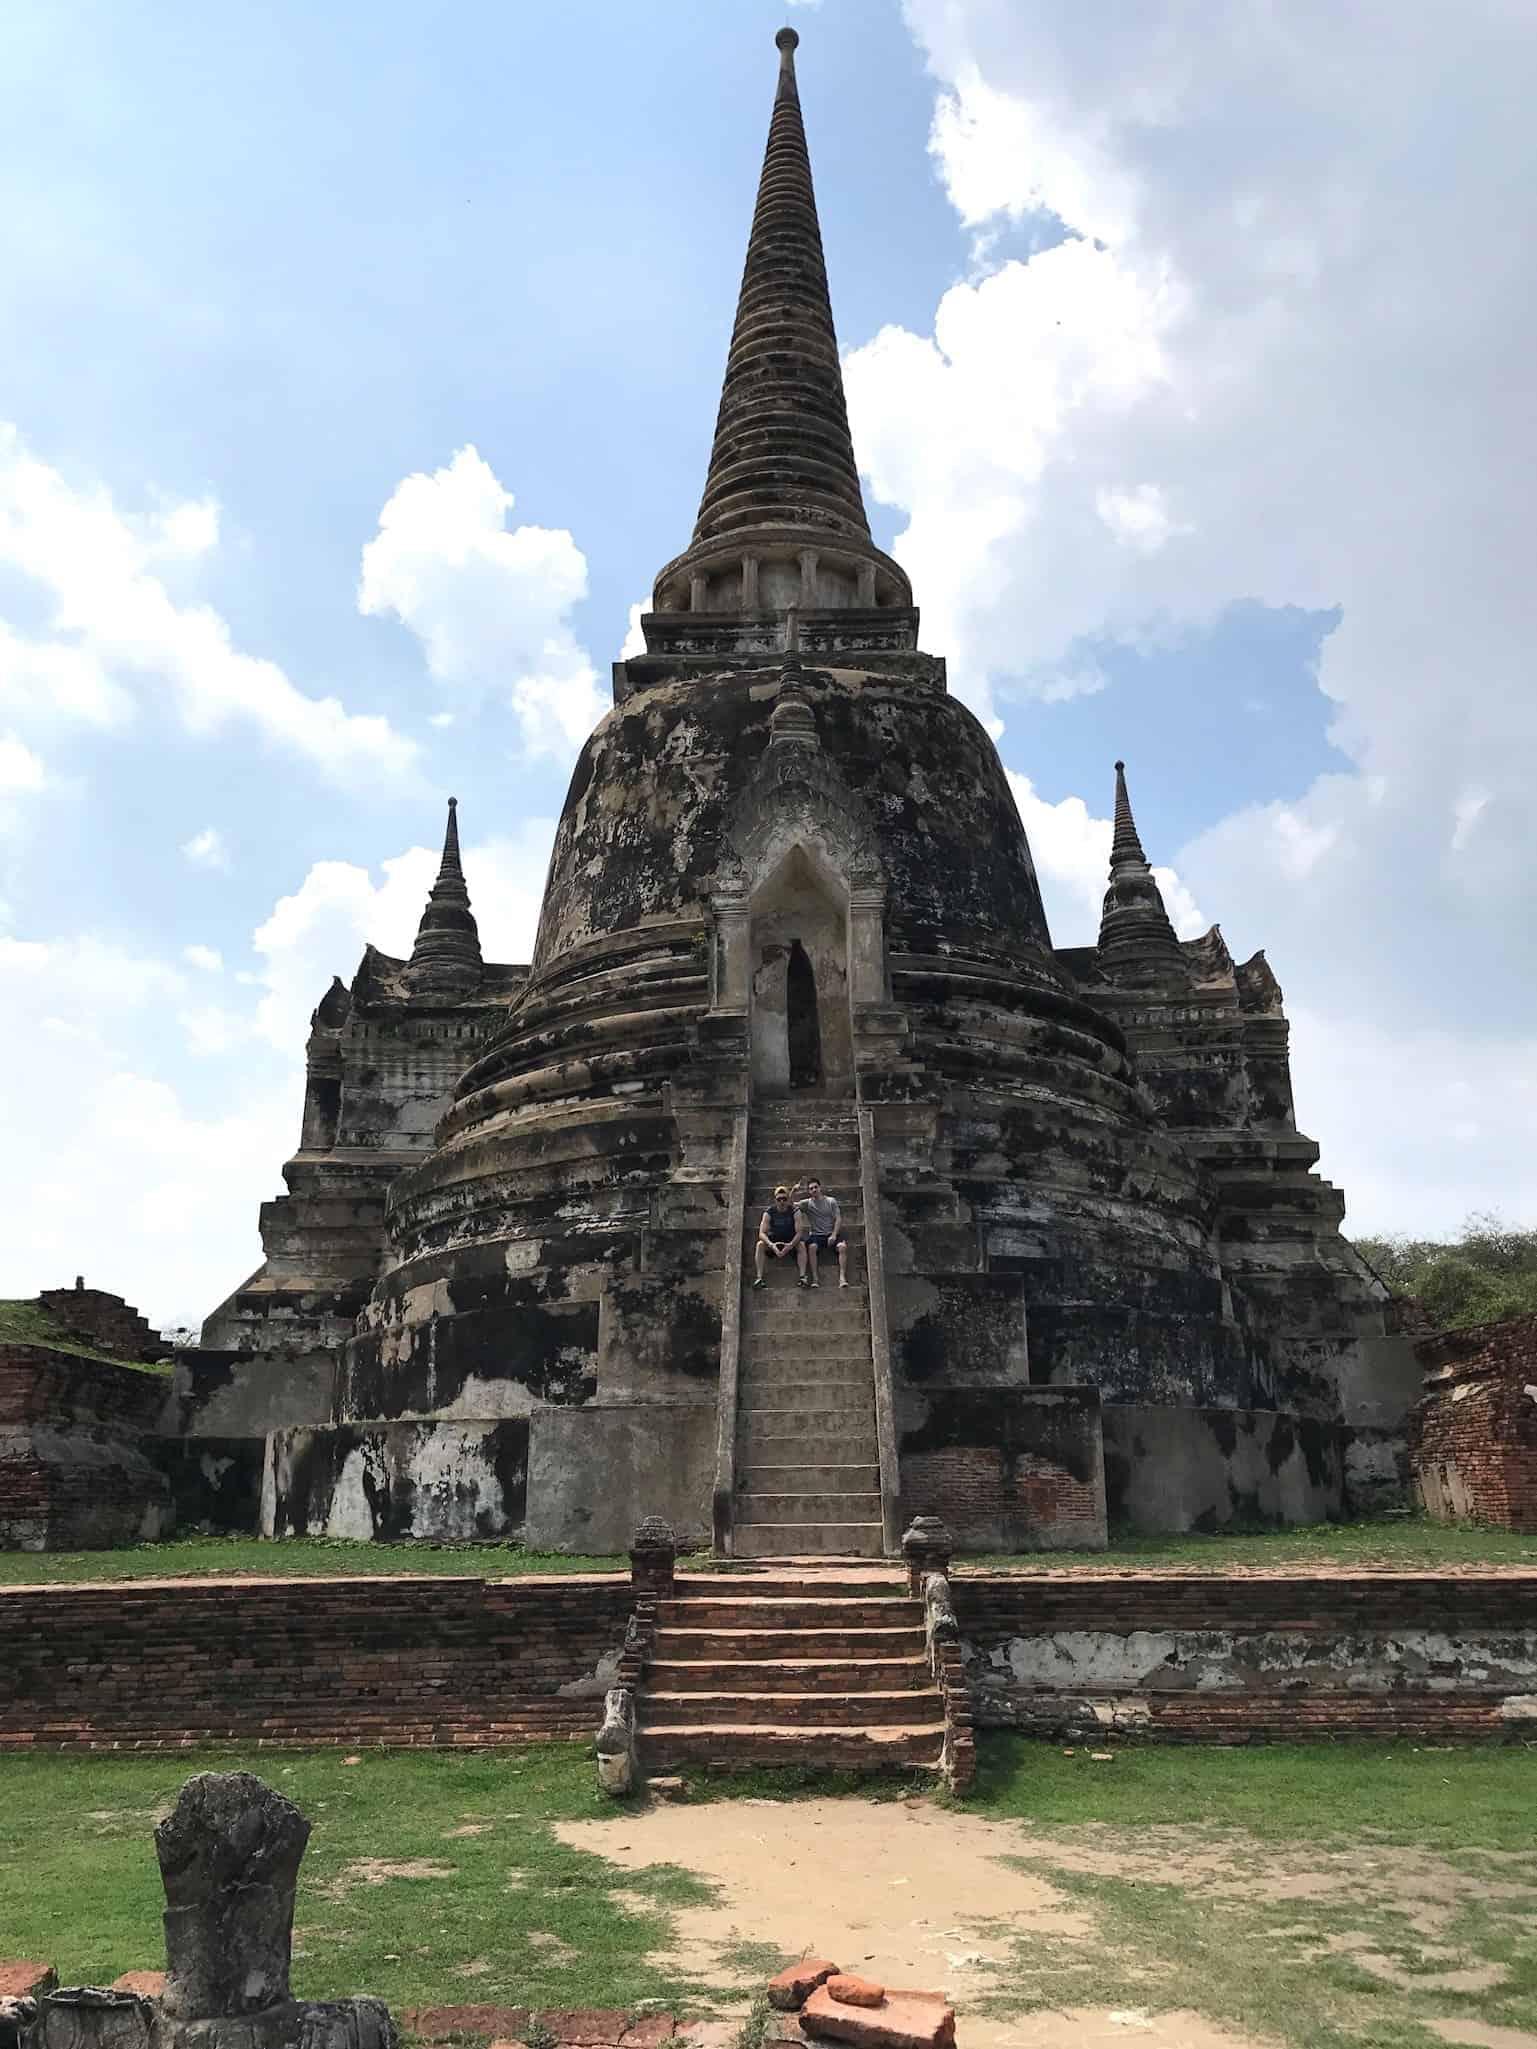 Wat Phra Sri Sanphet Chedi